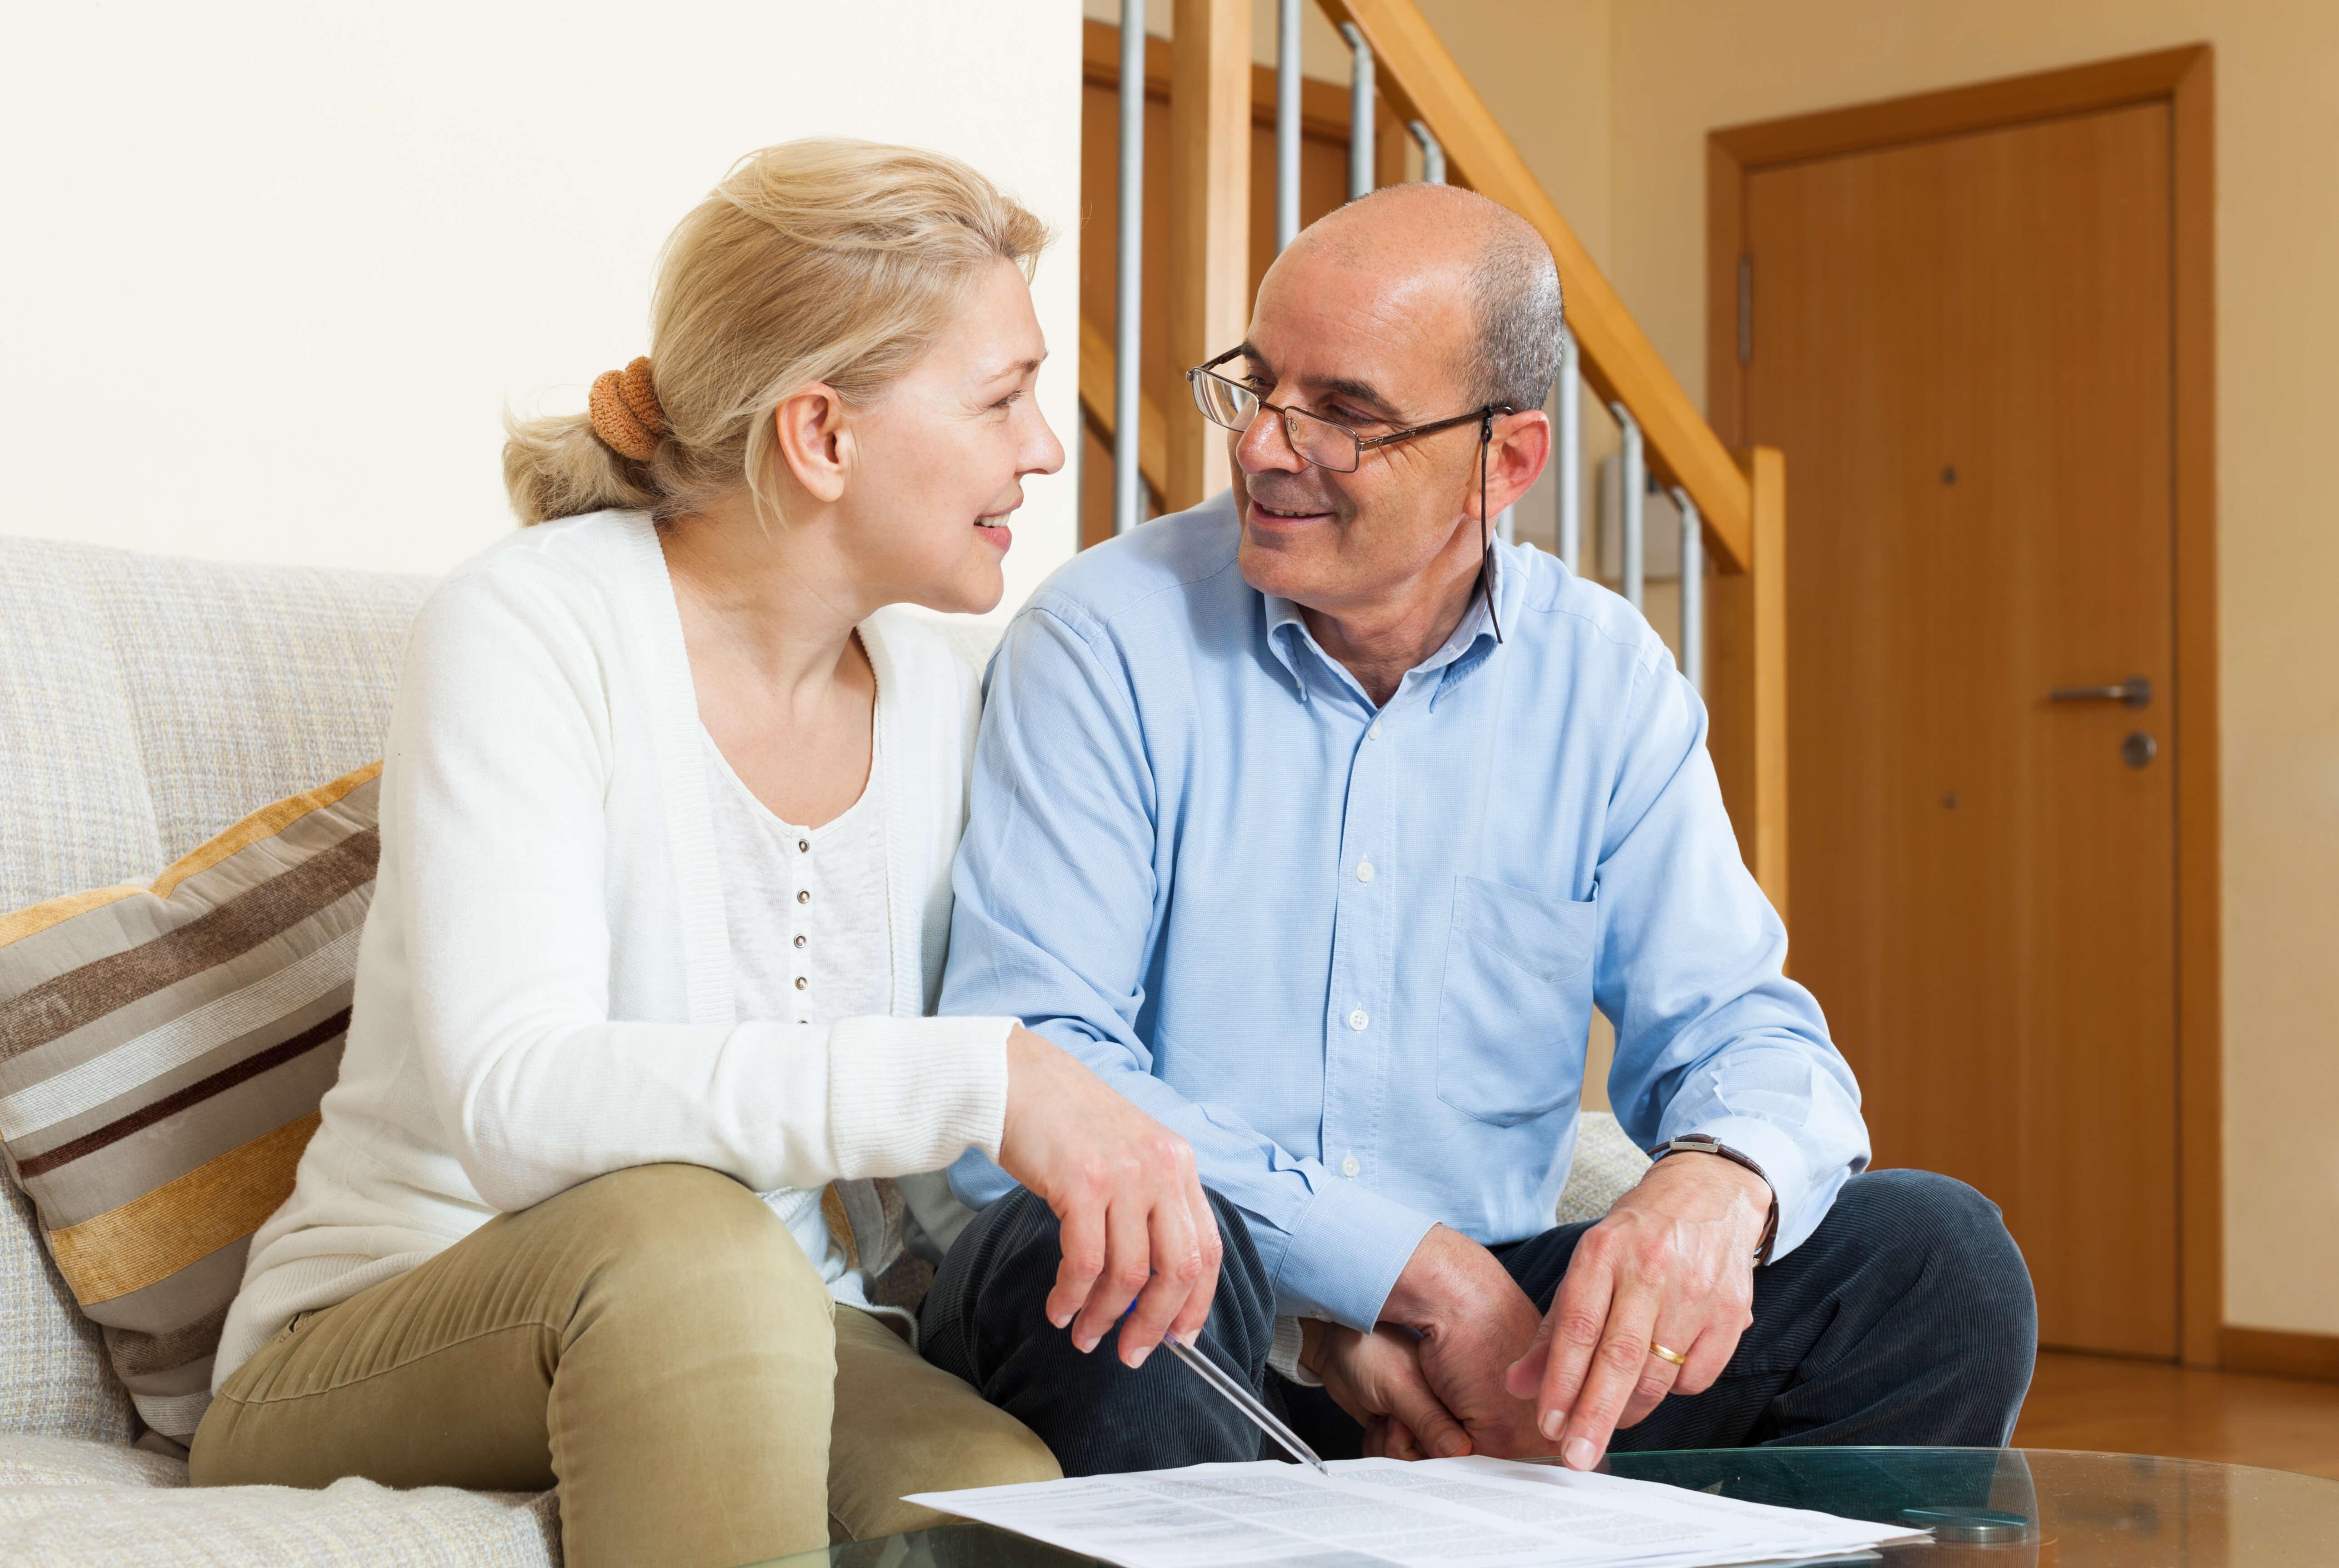 Onderhandse lening tussen particulieren ouders of een for Ouders helpen met hypotheek